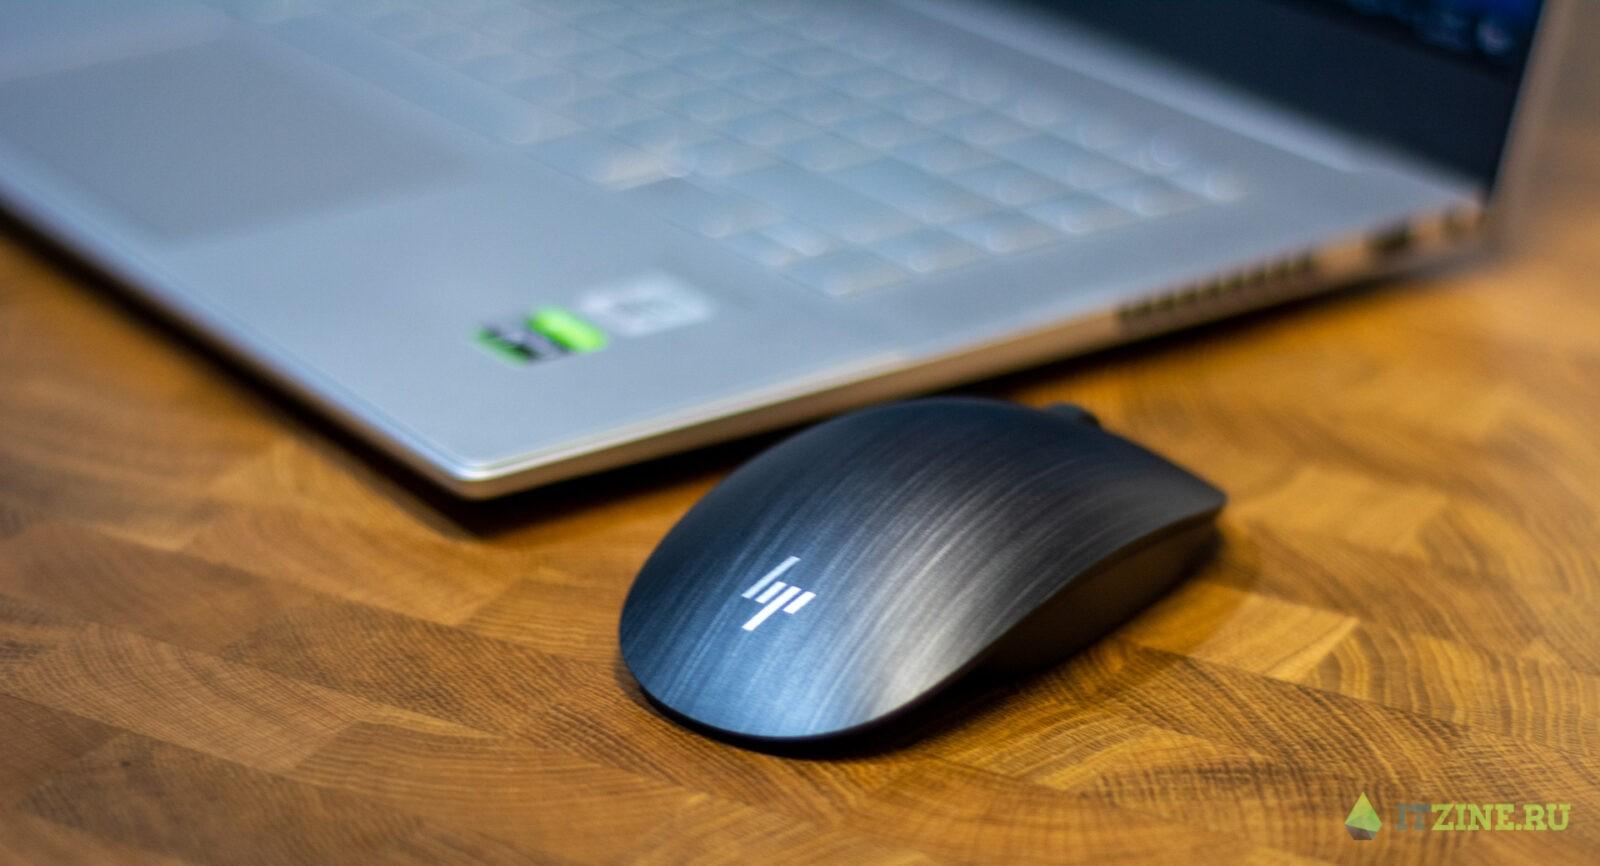 Обзор ноутбука HP Envy 15: мощь для создателей графического контента (hp envy 23)